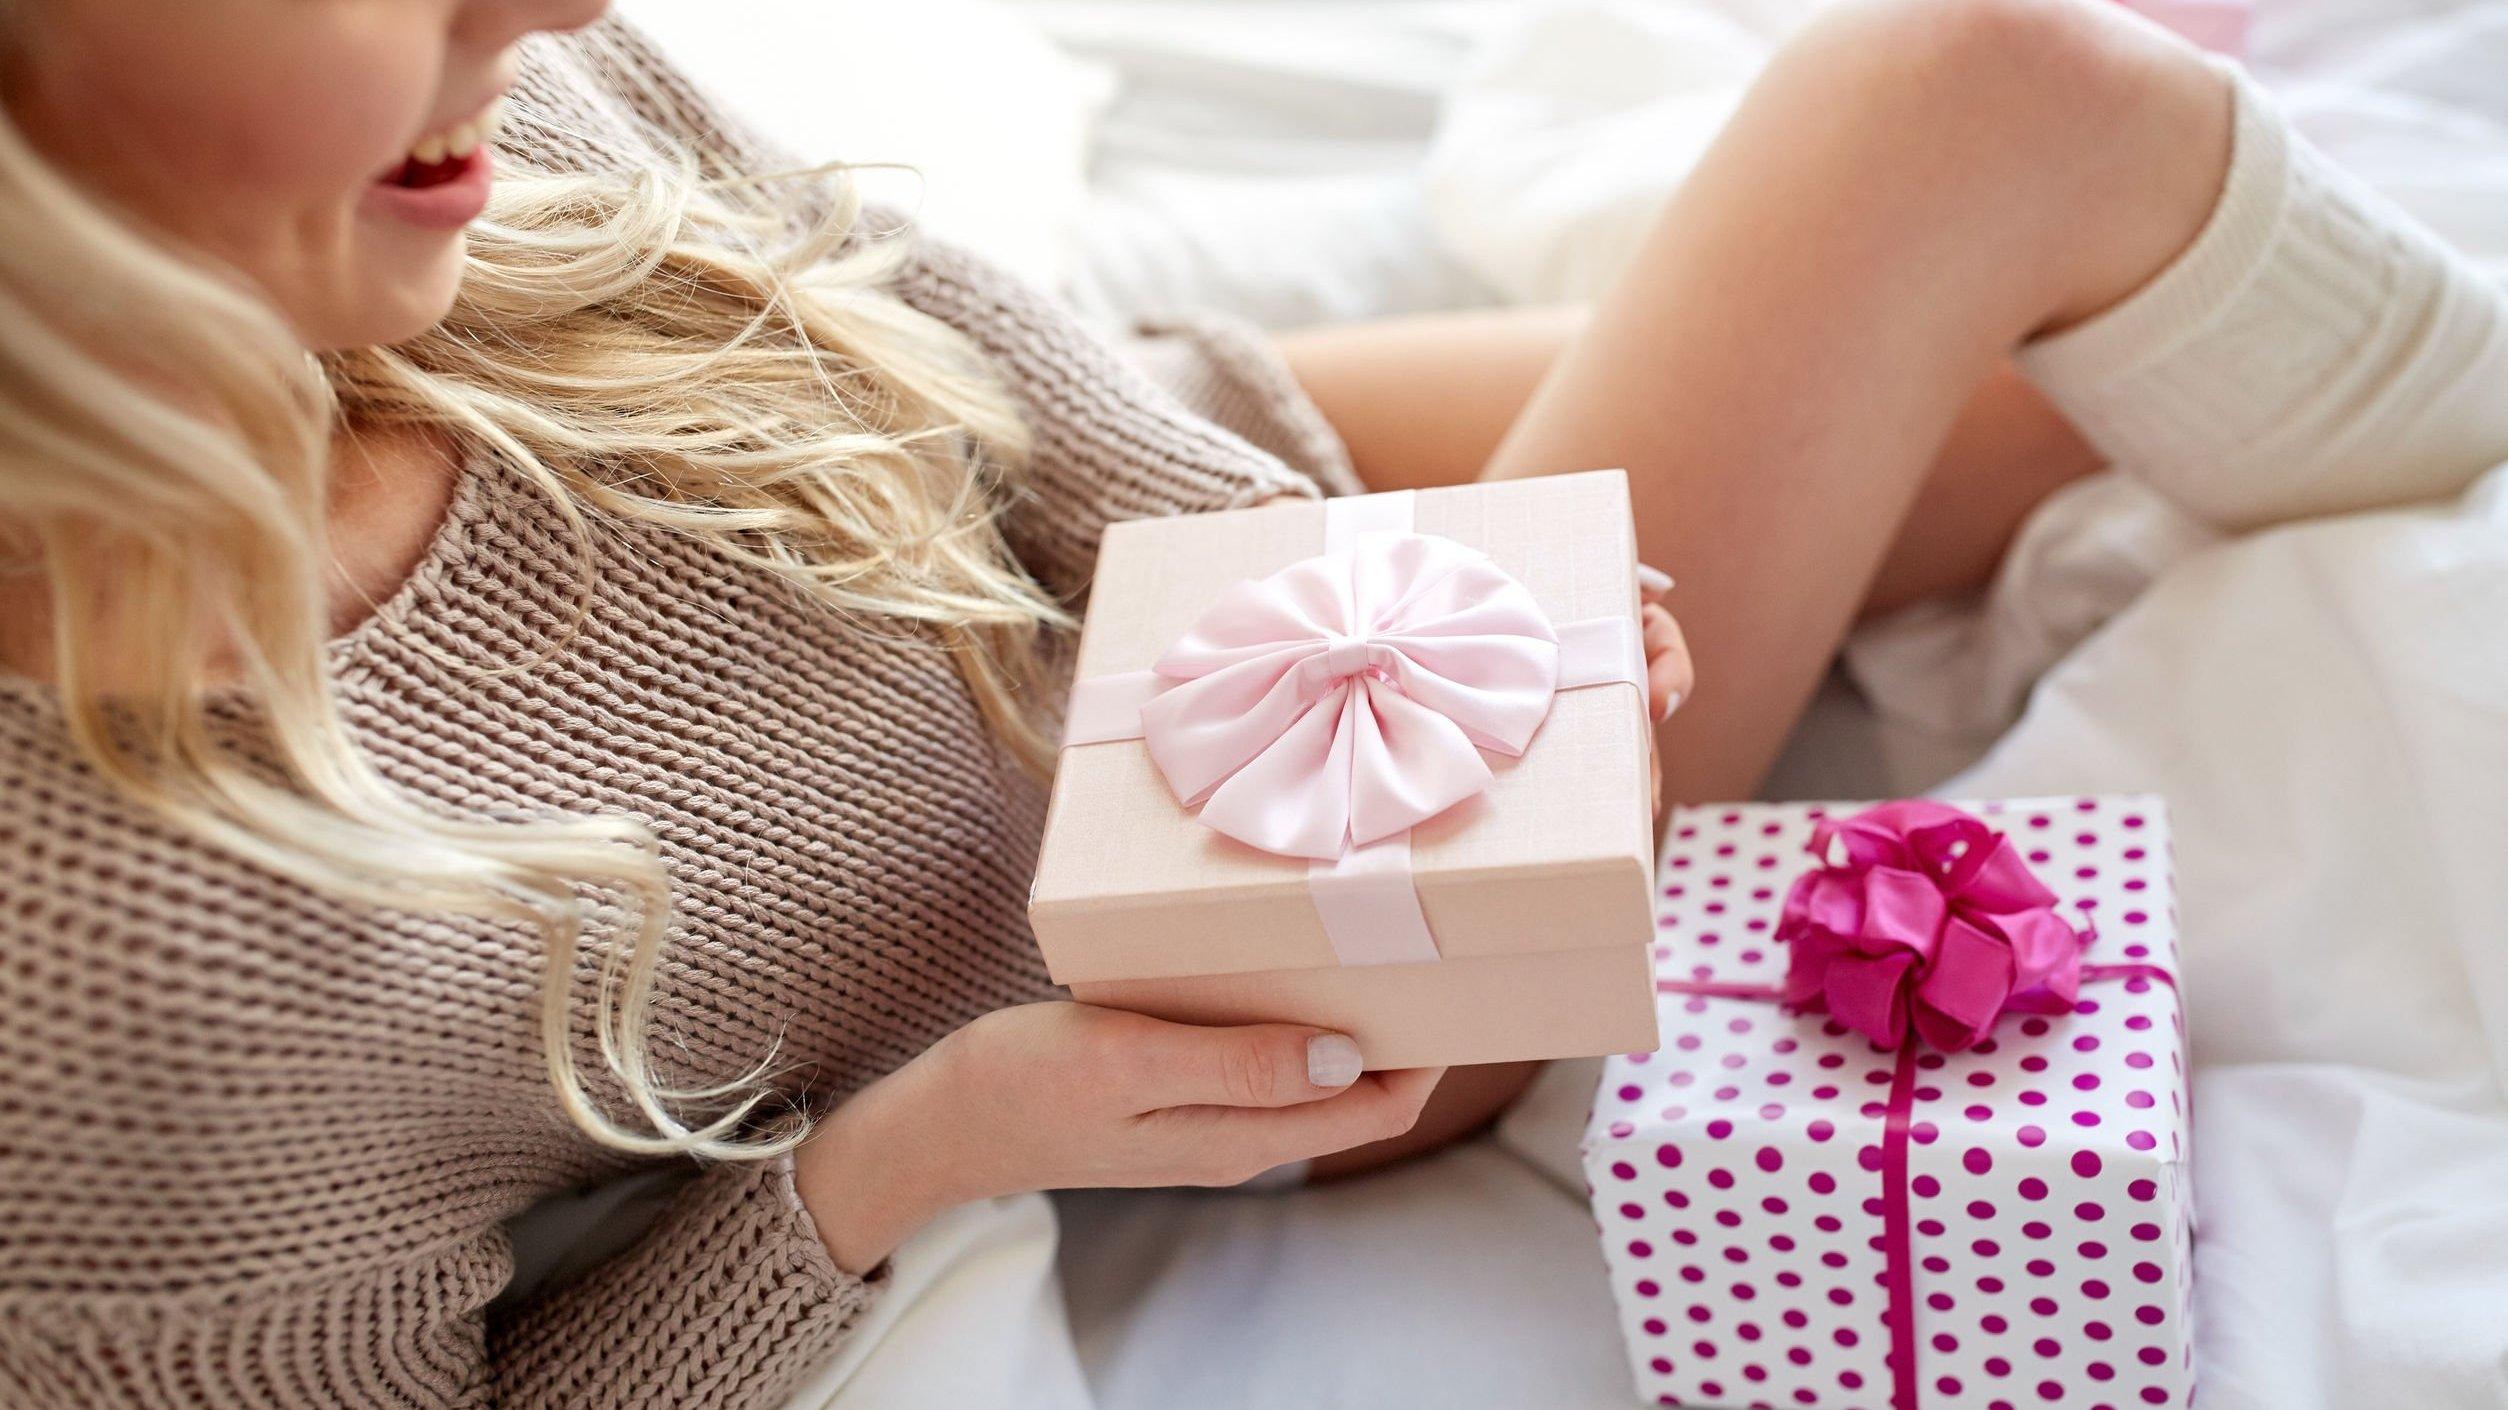 Mulher na cama com duas caixas de presente